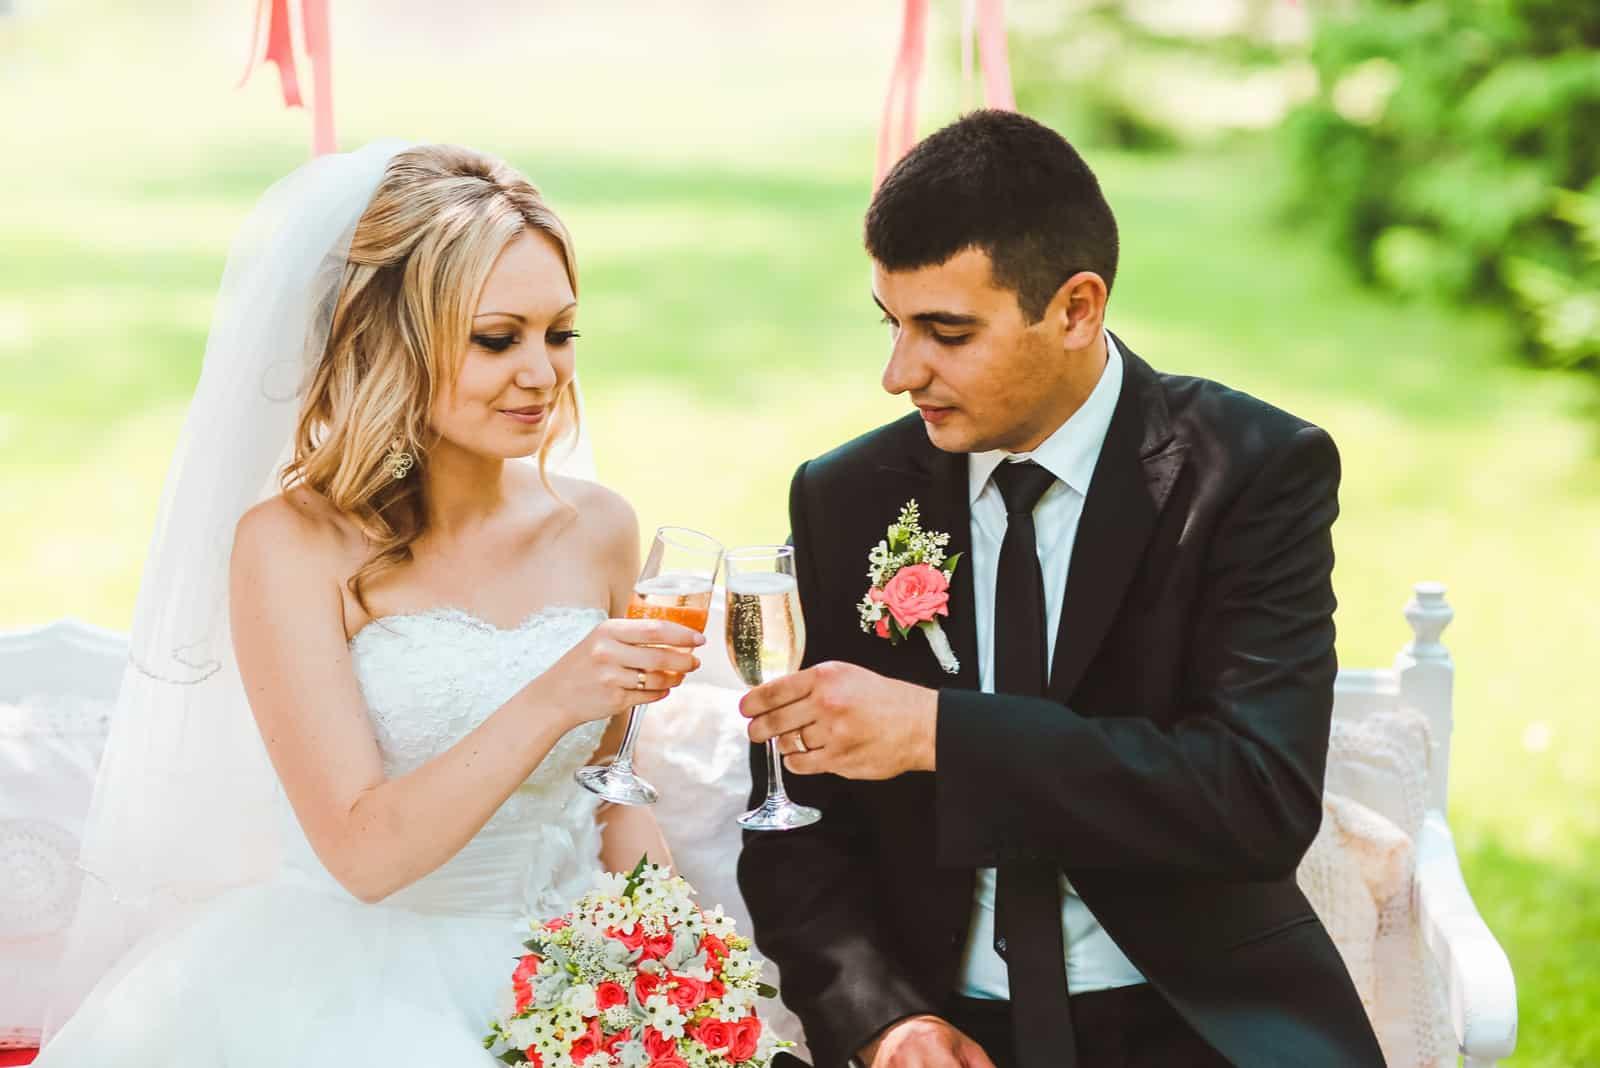 Das Brautpaar auf der Bank röstet mit Champagner